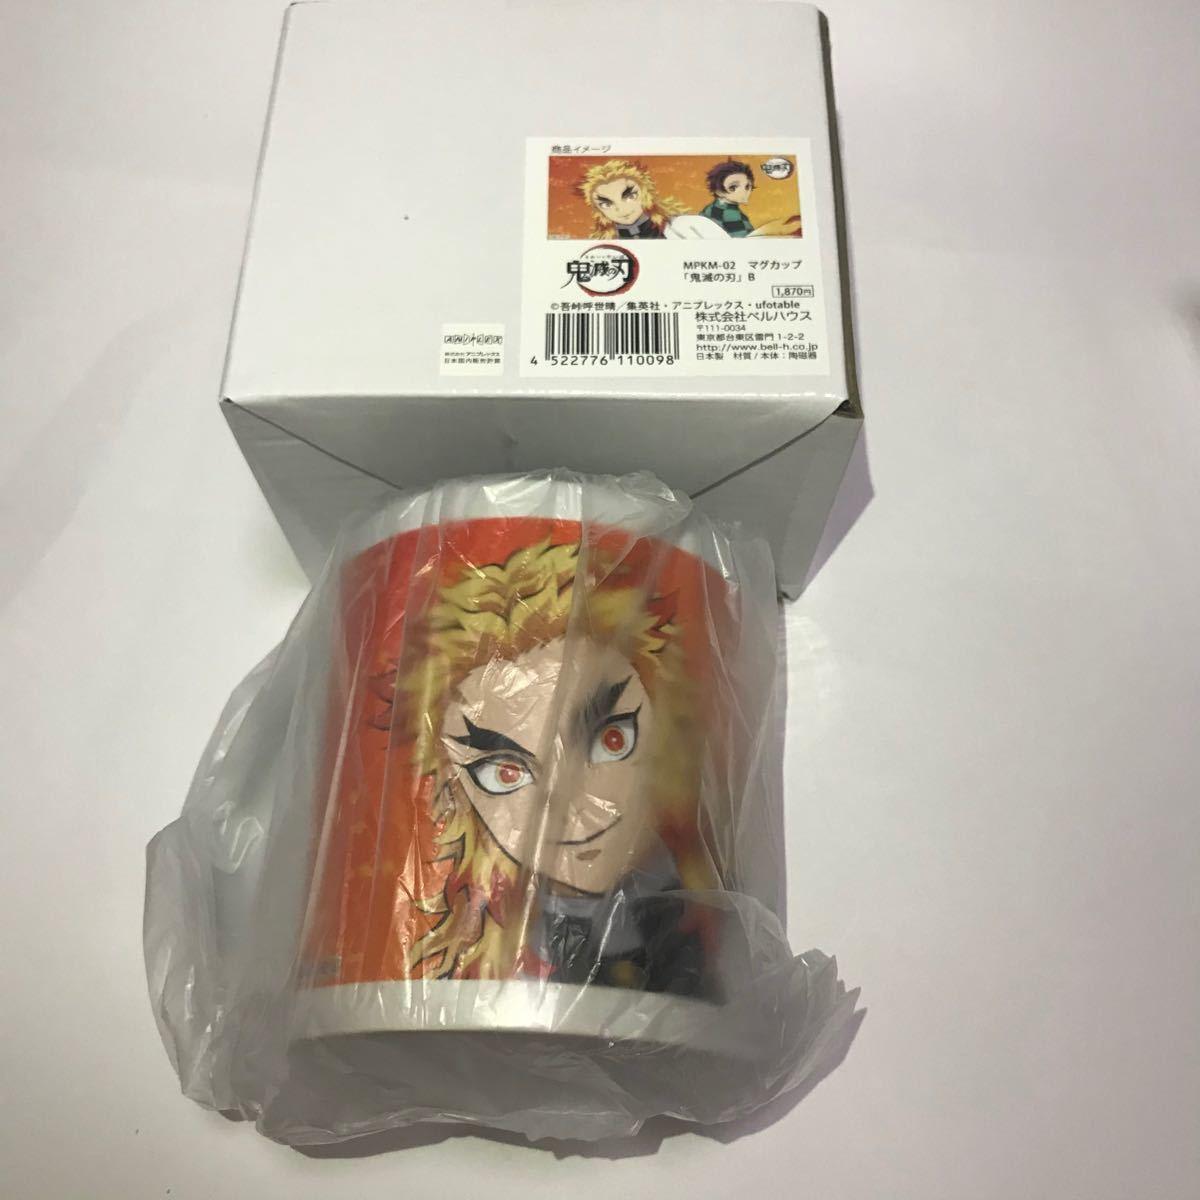 鬼滅の刃 ufotable 無限列車編 マグカップ 4種 煉獄杏寿郎